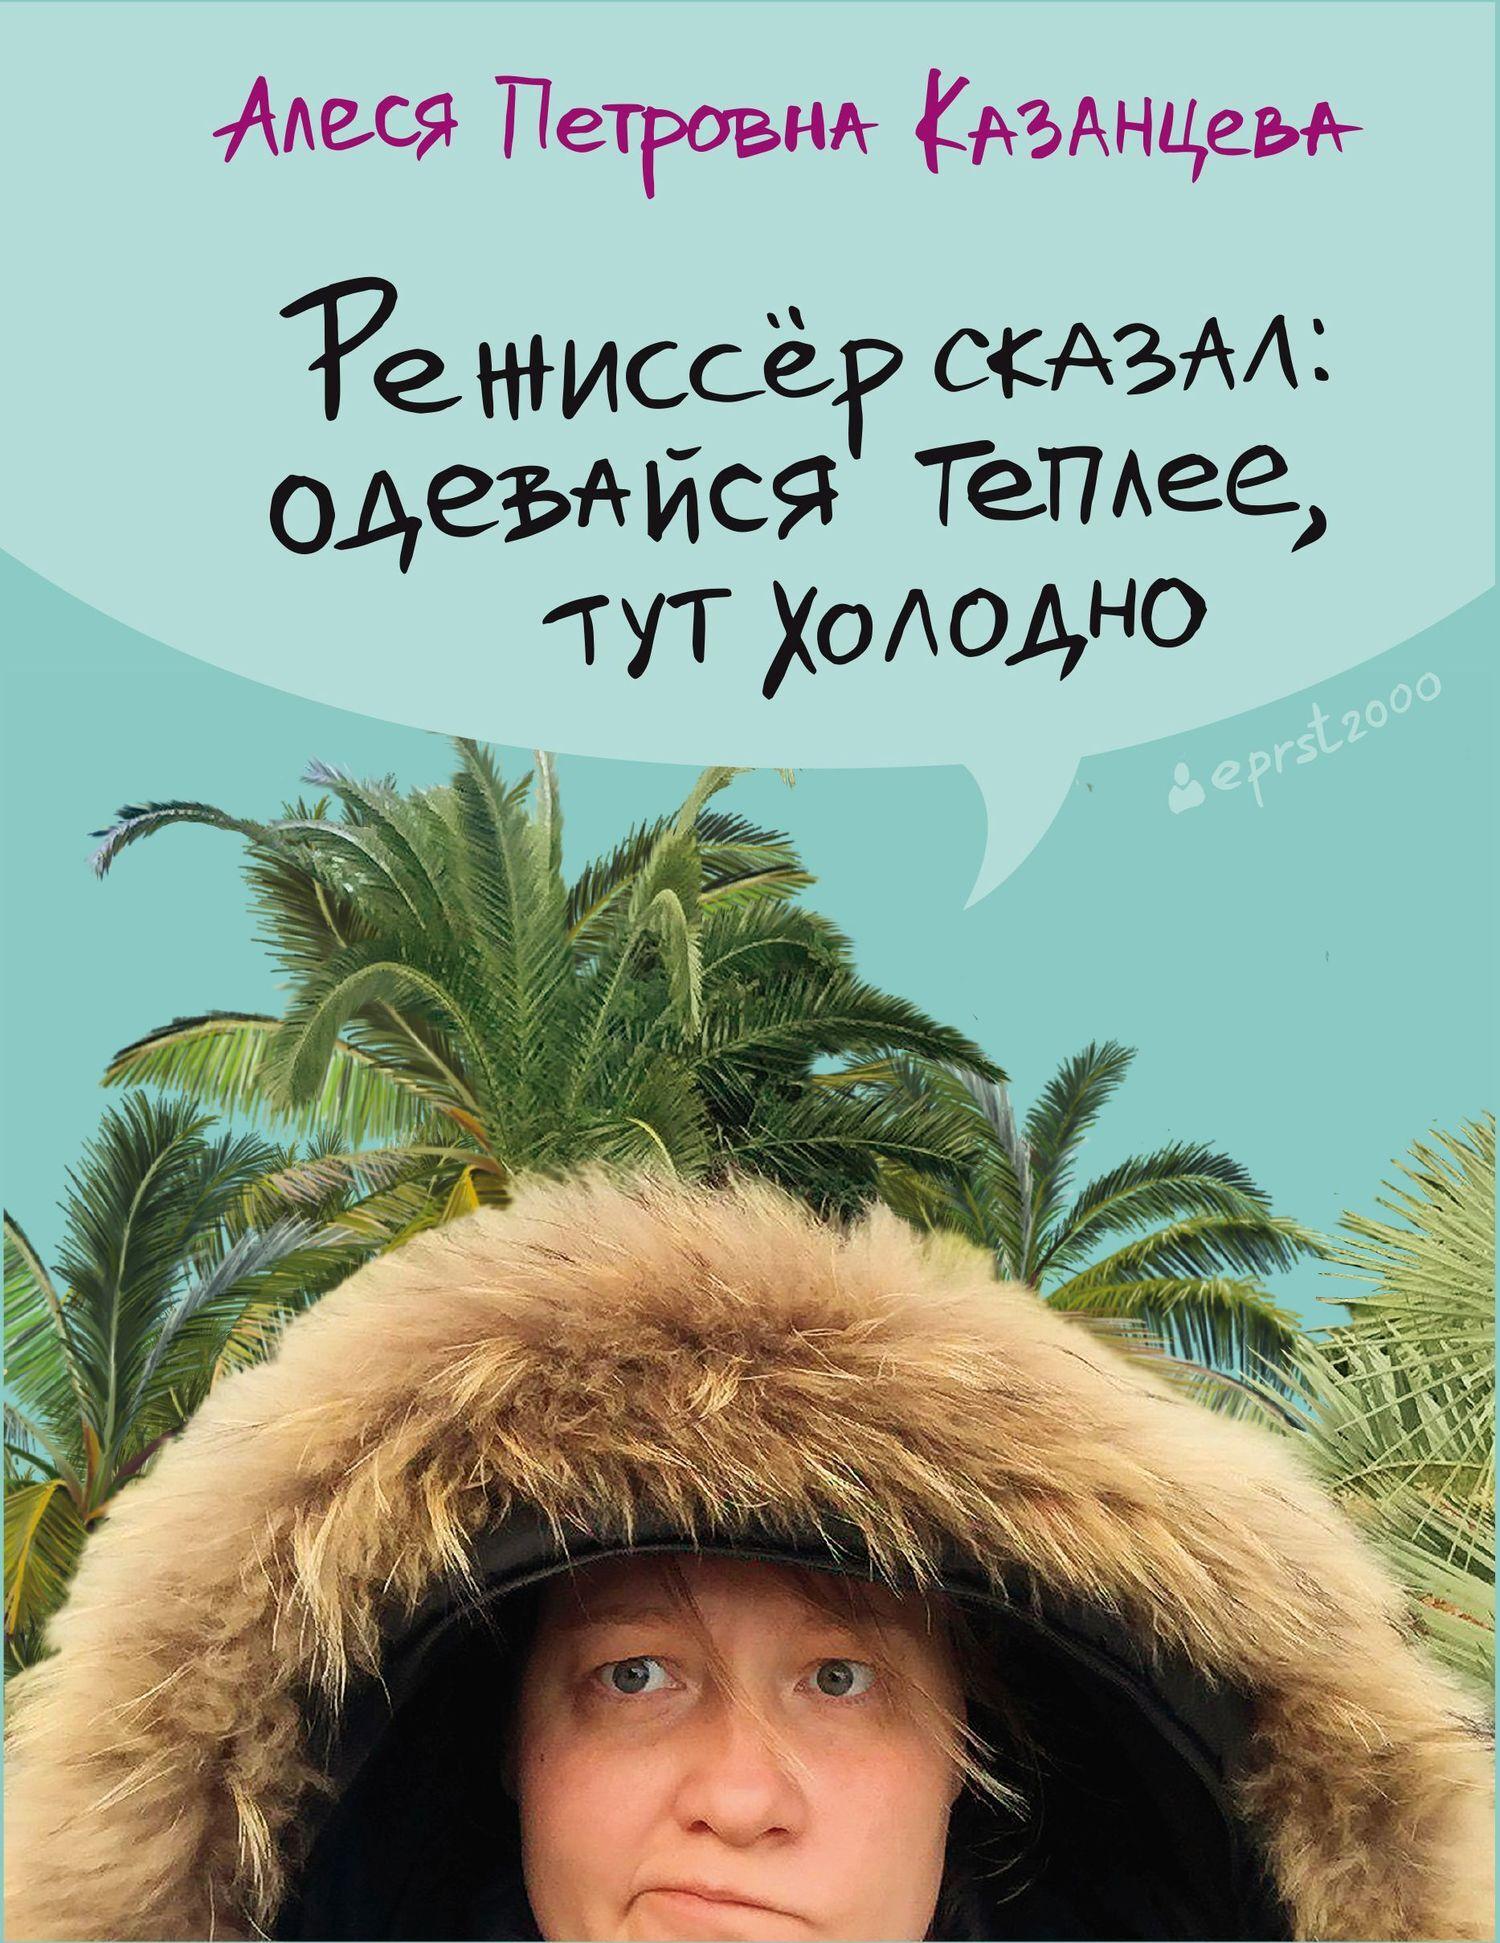 Алеся Казанцева - Режиссёр сказал: одевайся теплее, тут холодно (сборник)